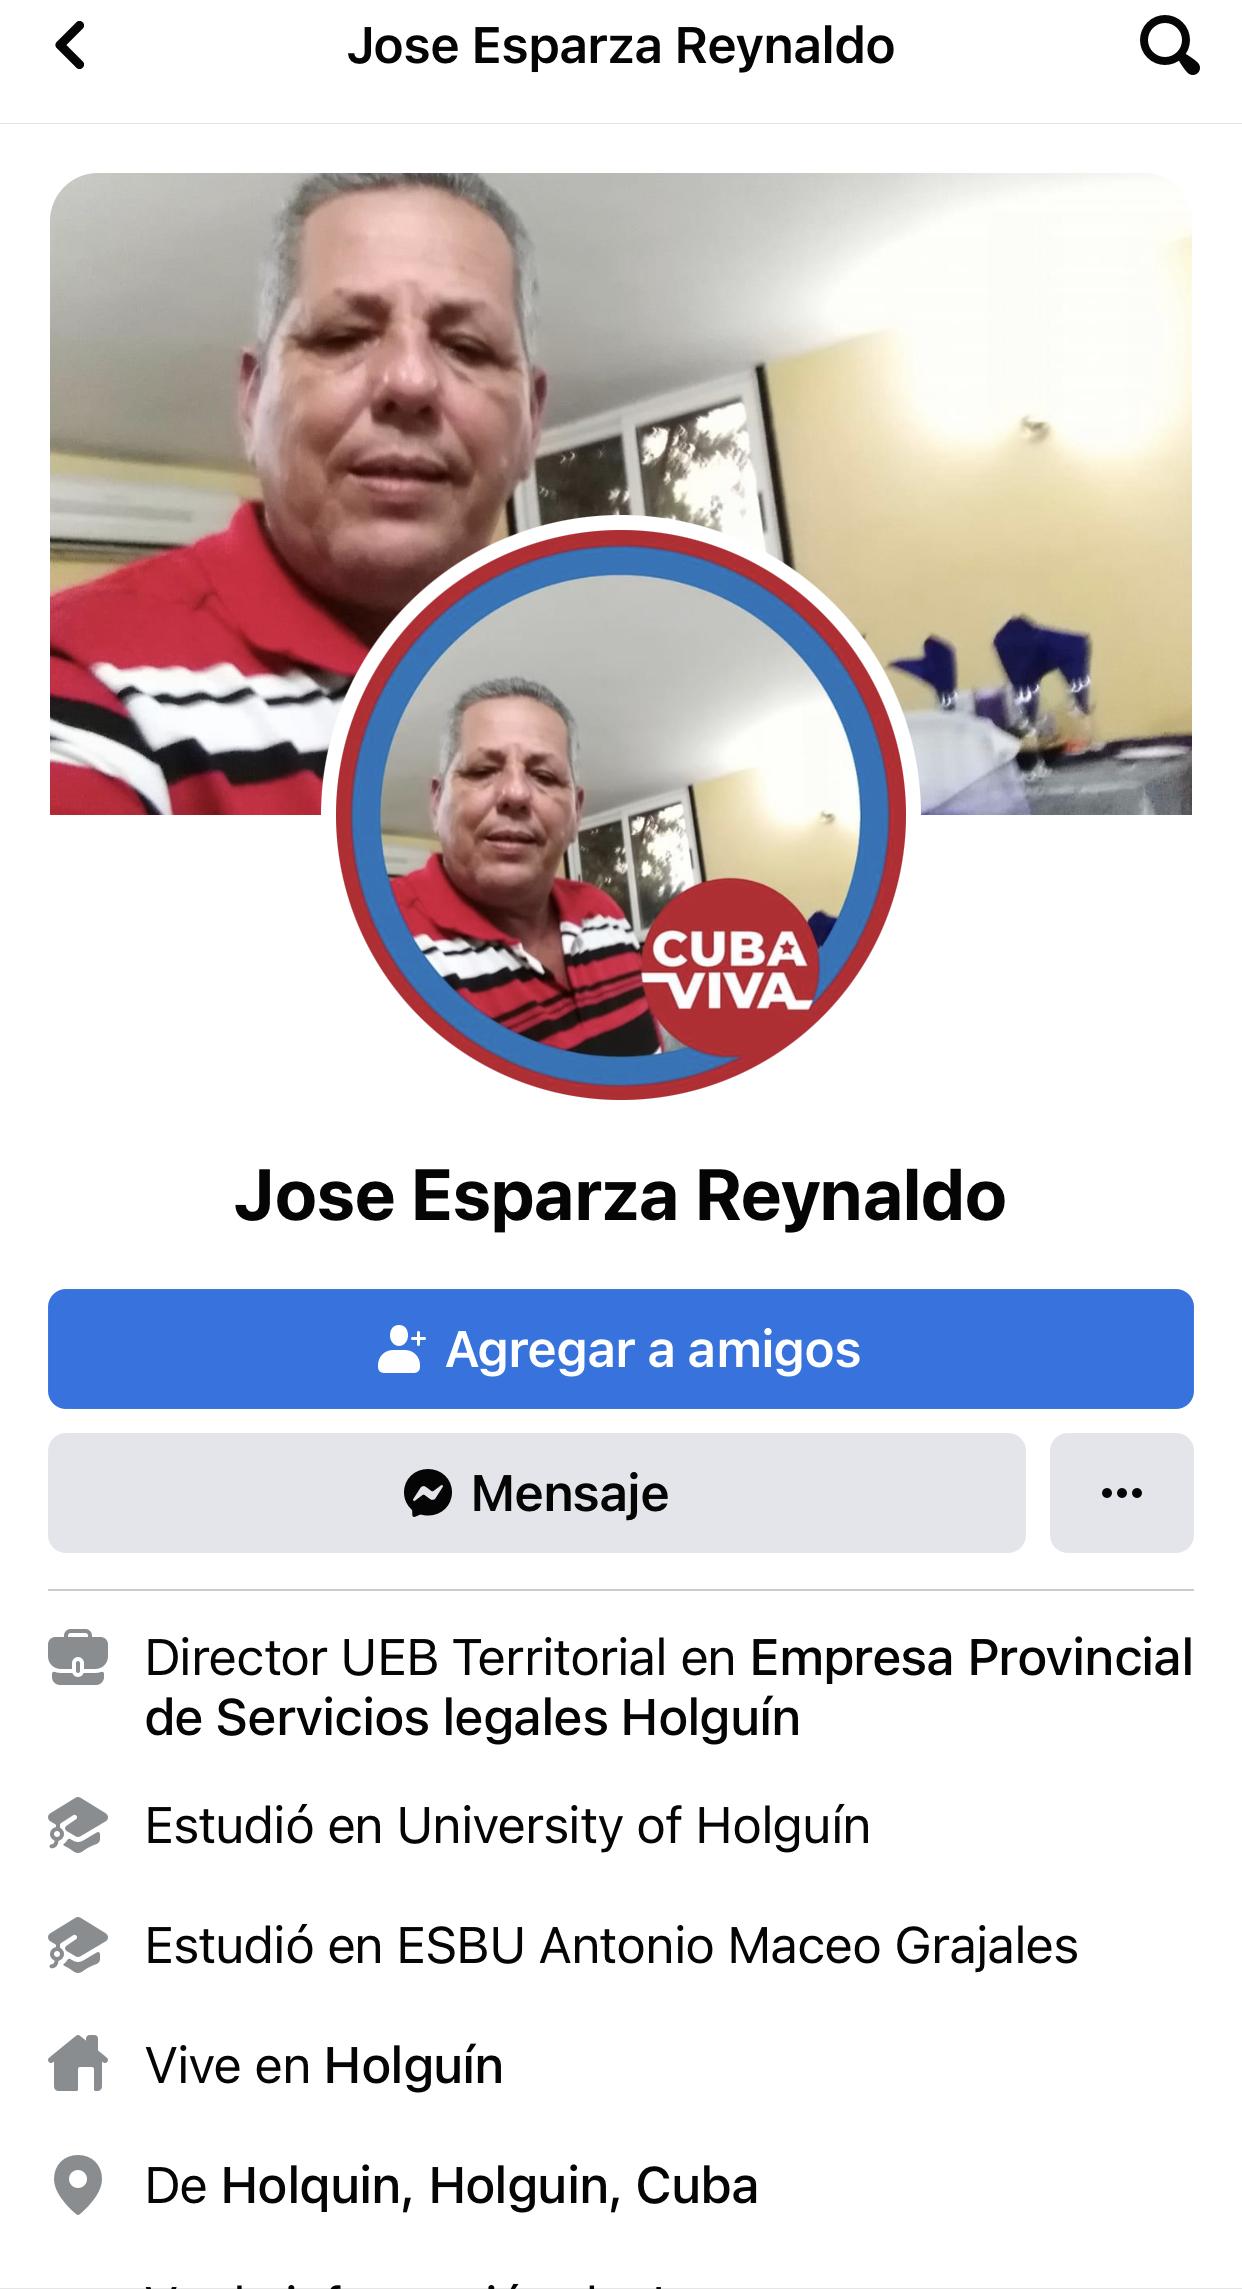 José esparza reynaldo